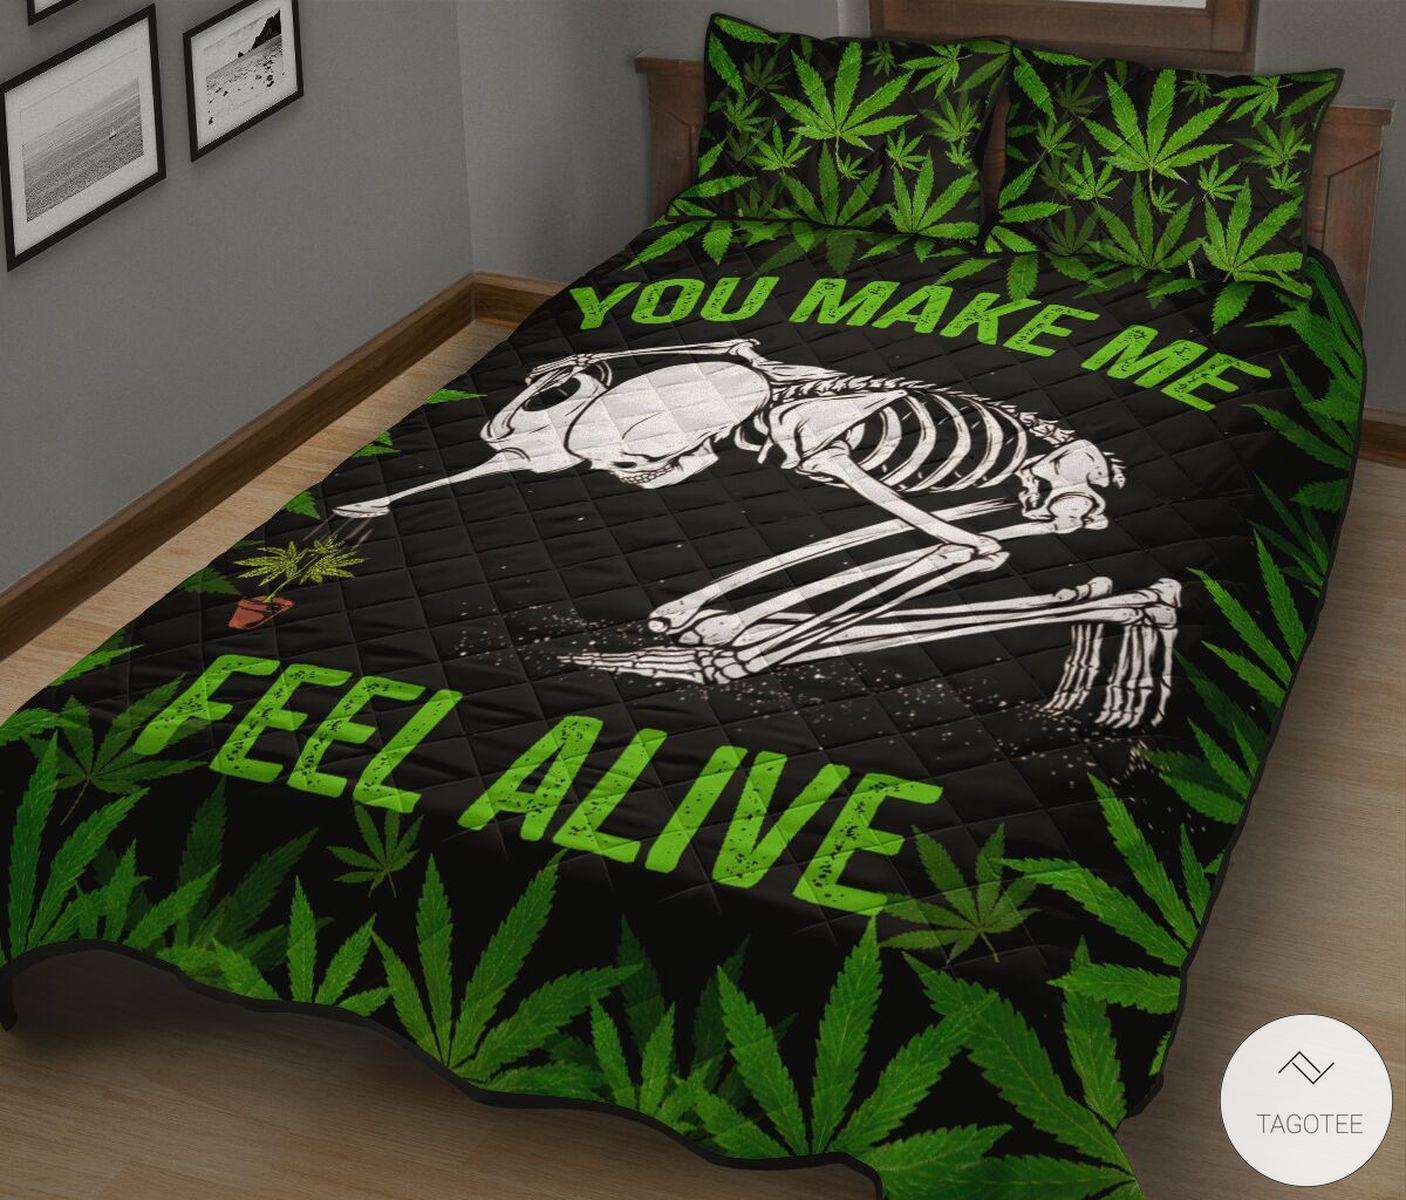 Weed You Make Me Feel Alive Quilt Bedding Setz